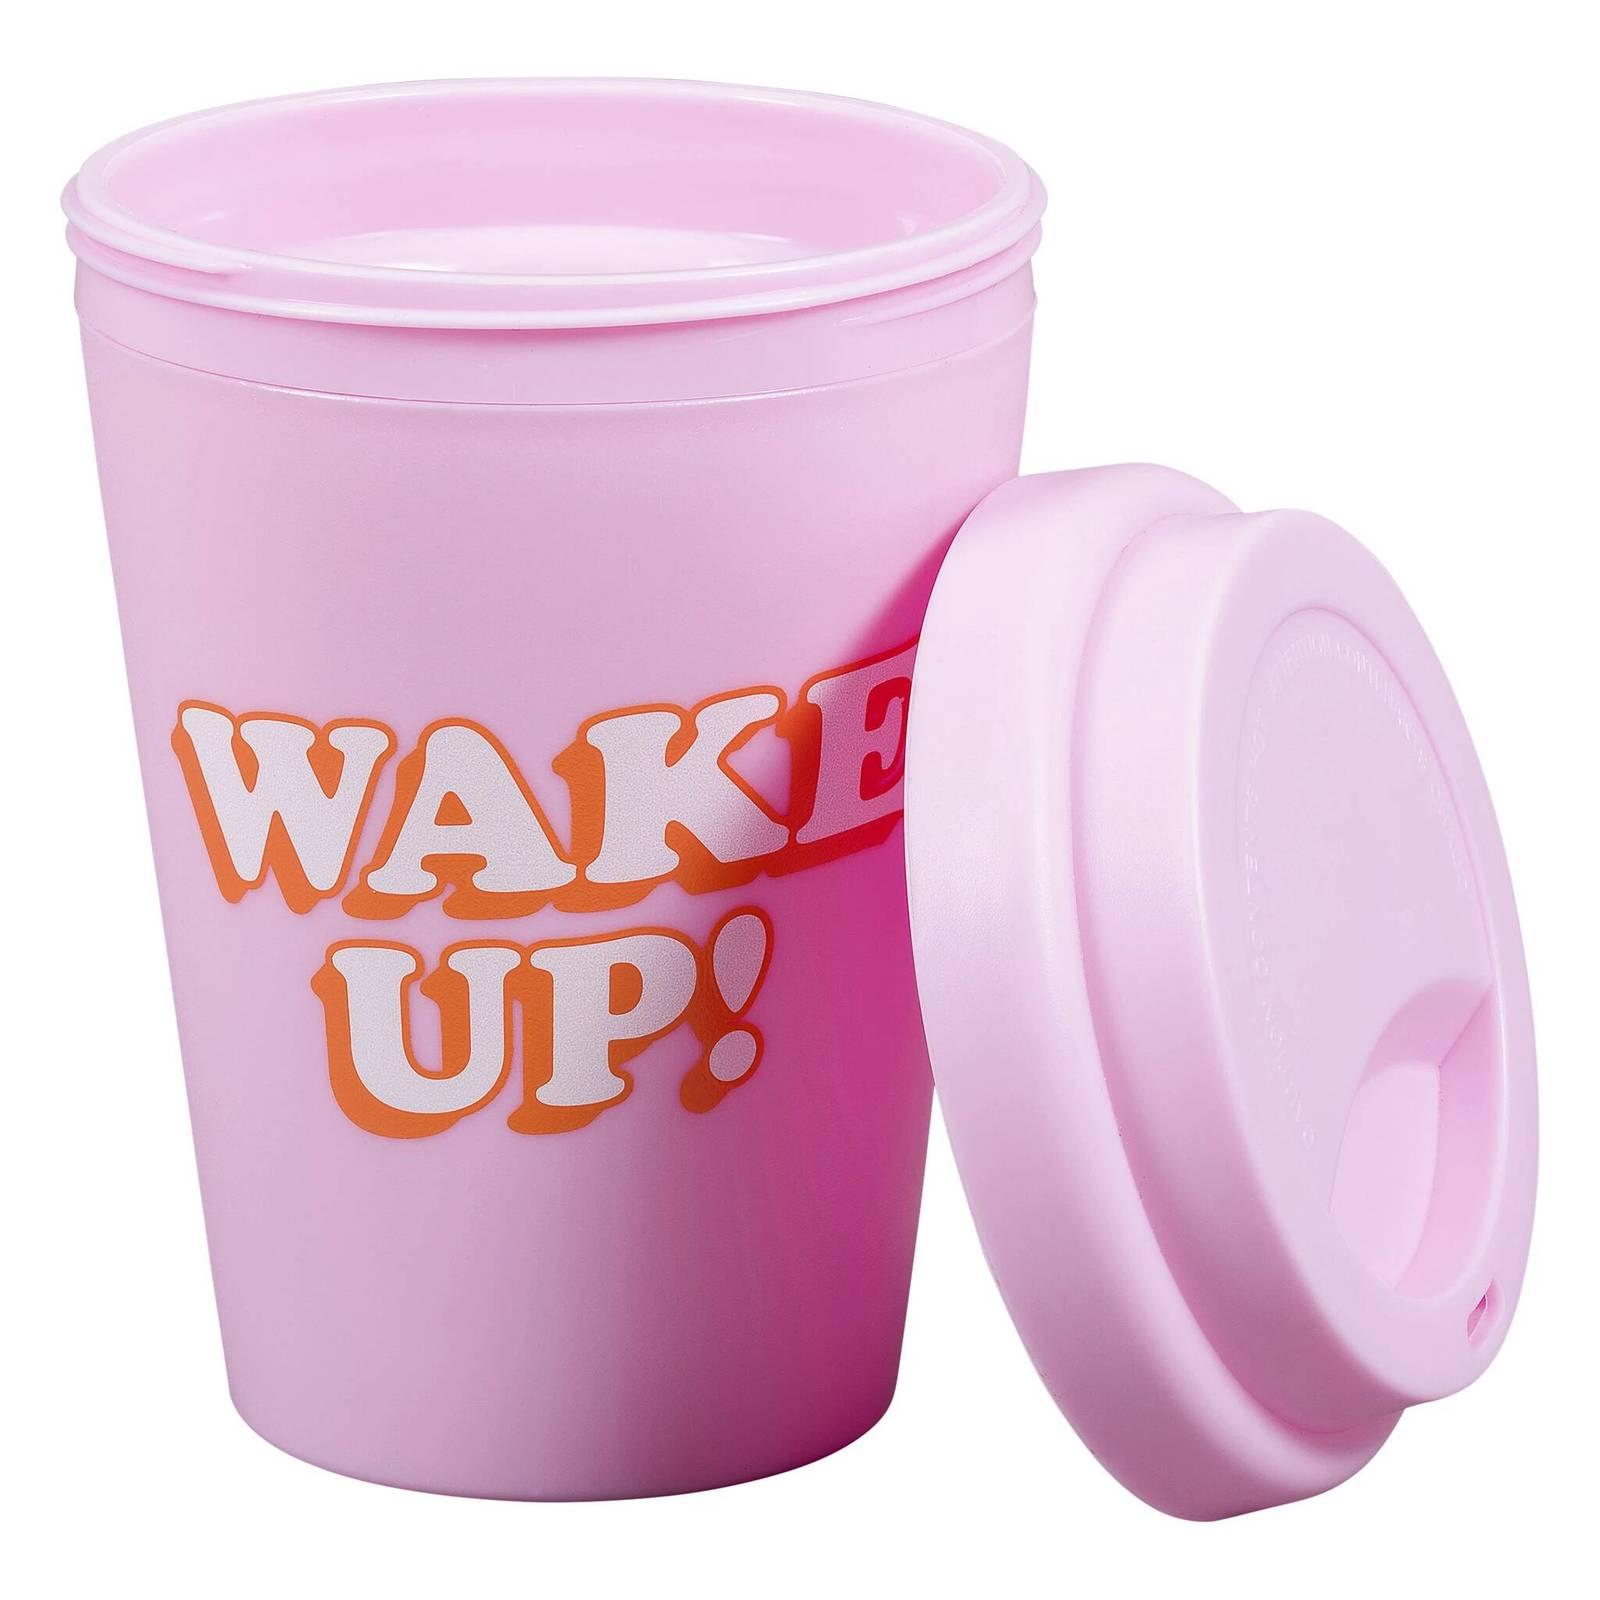 Yes Studio: Small Travel Mug - Wake Up image